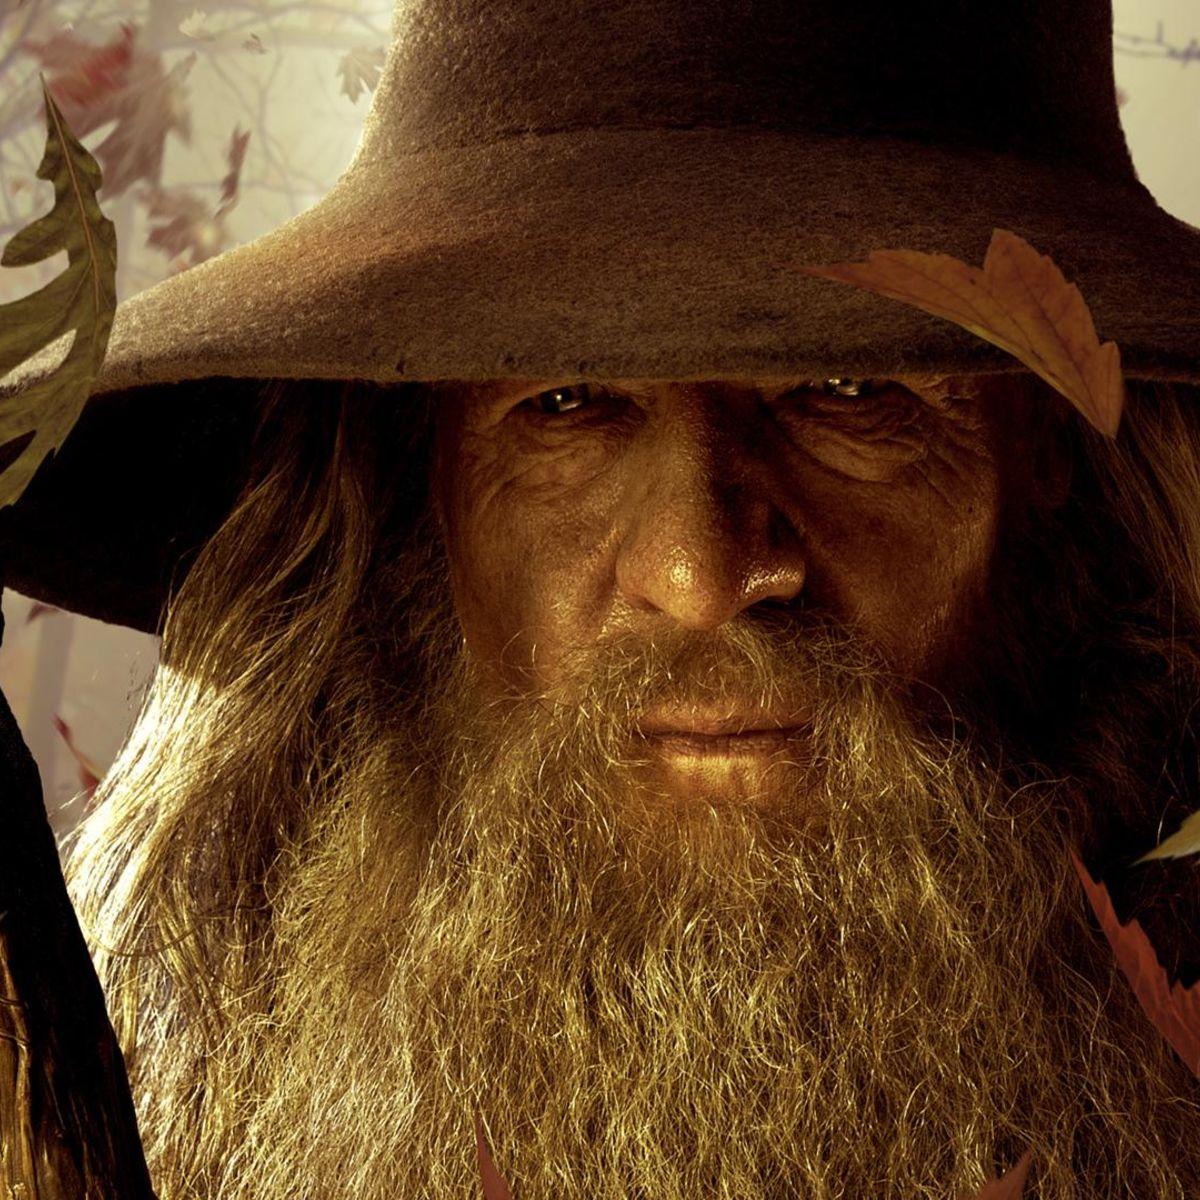 The_Hobbit_Gandalf.jpg